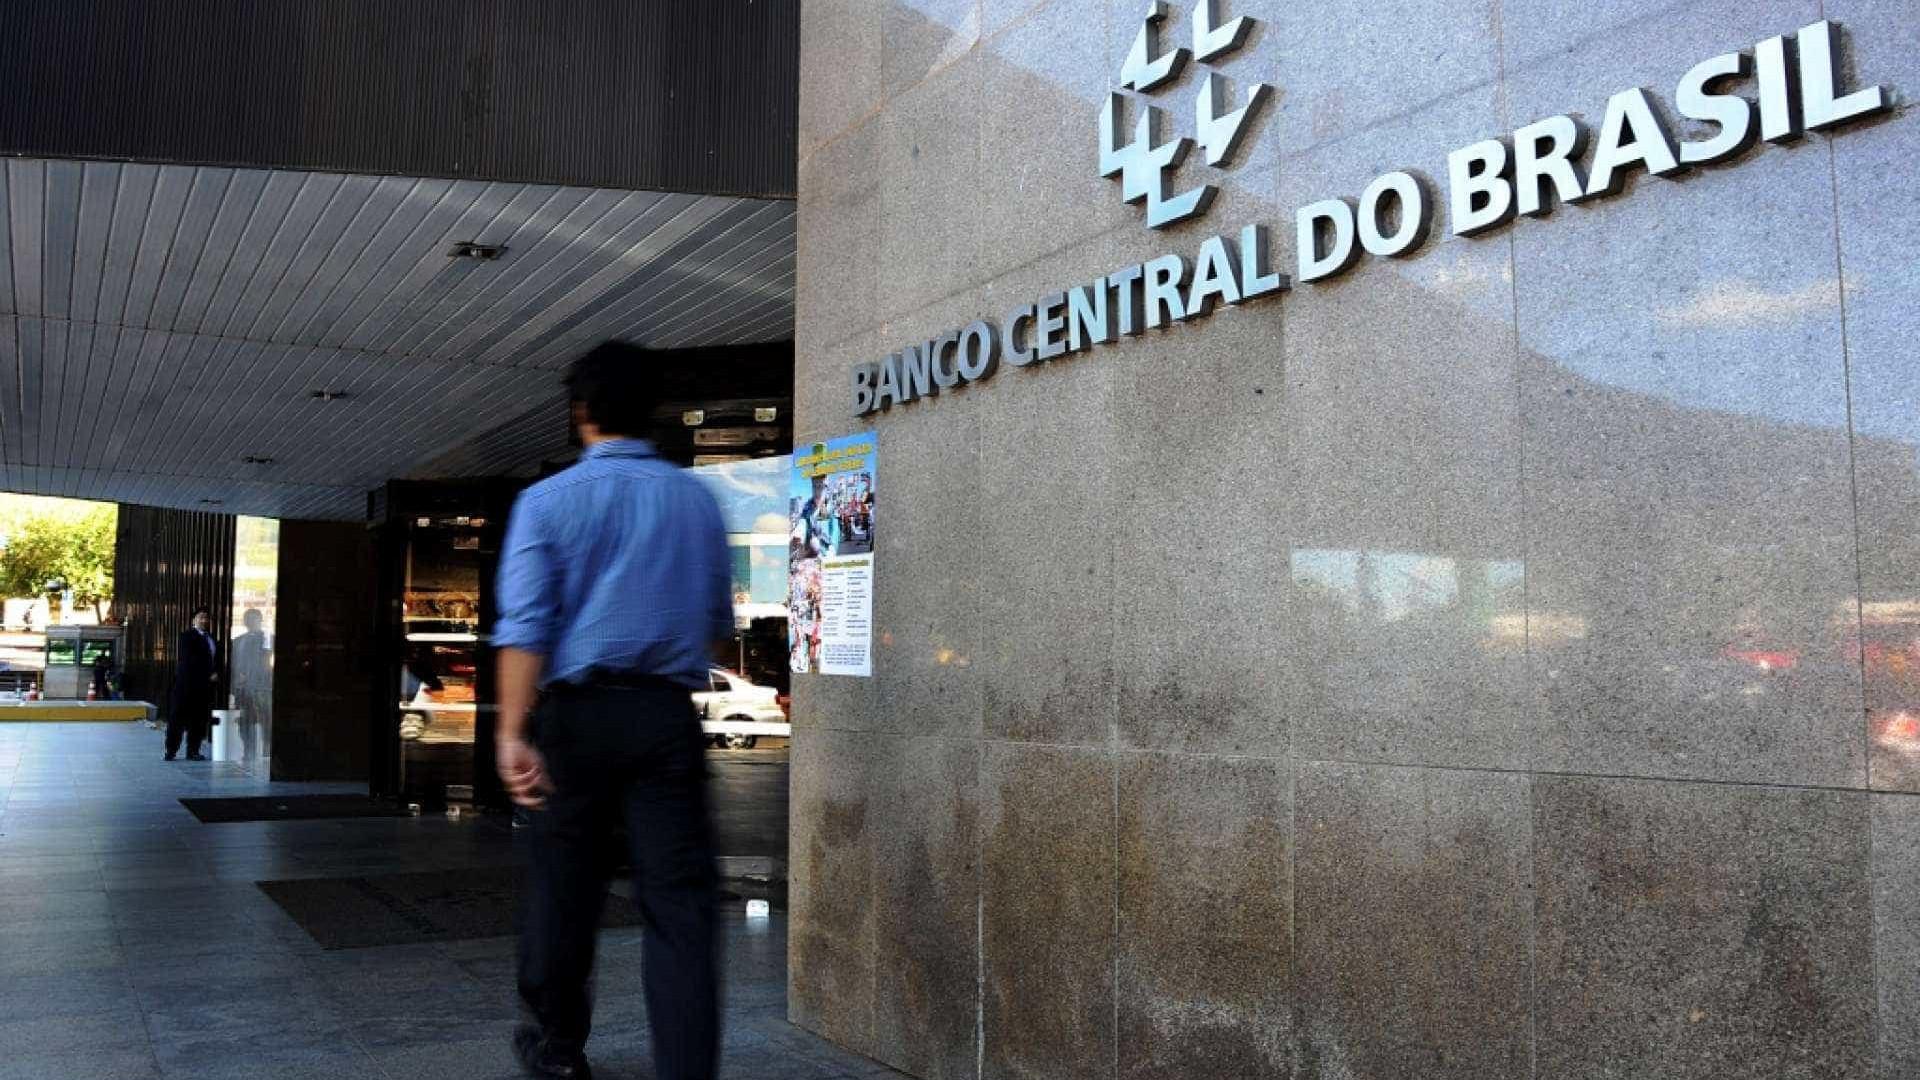 Mercado financeiro aumenta estimativa de inflação para 4,03%